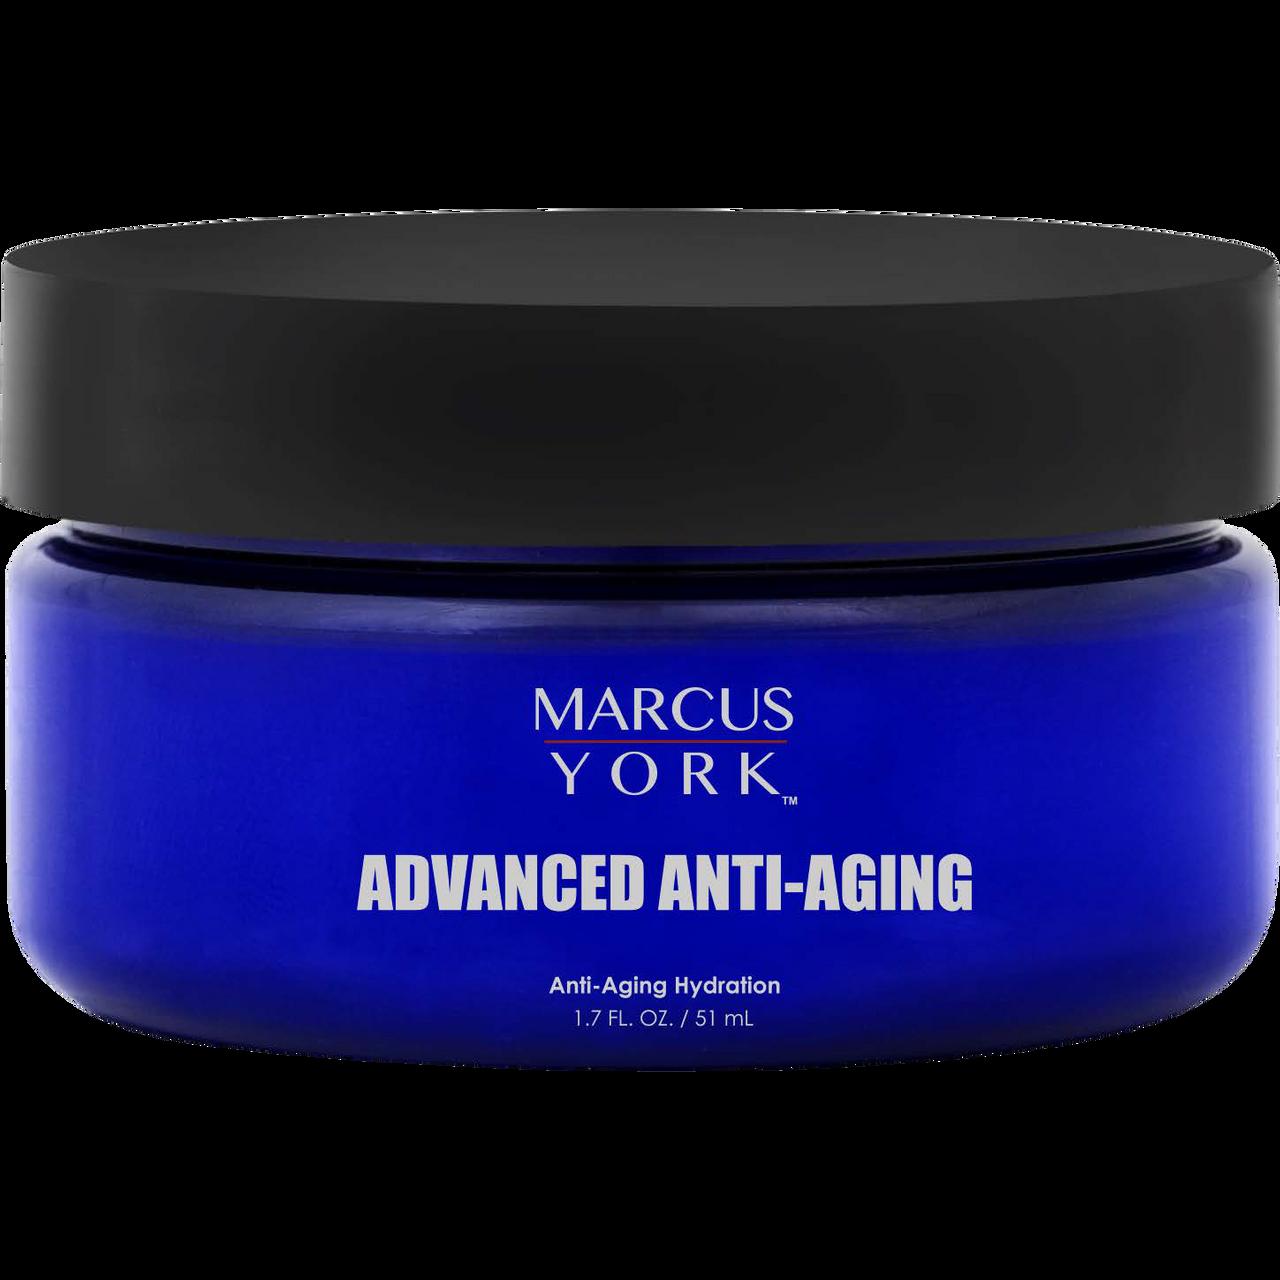 1.7 OZ Anti-Aging Hydration